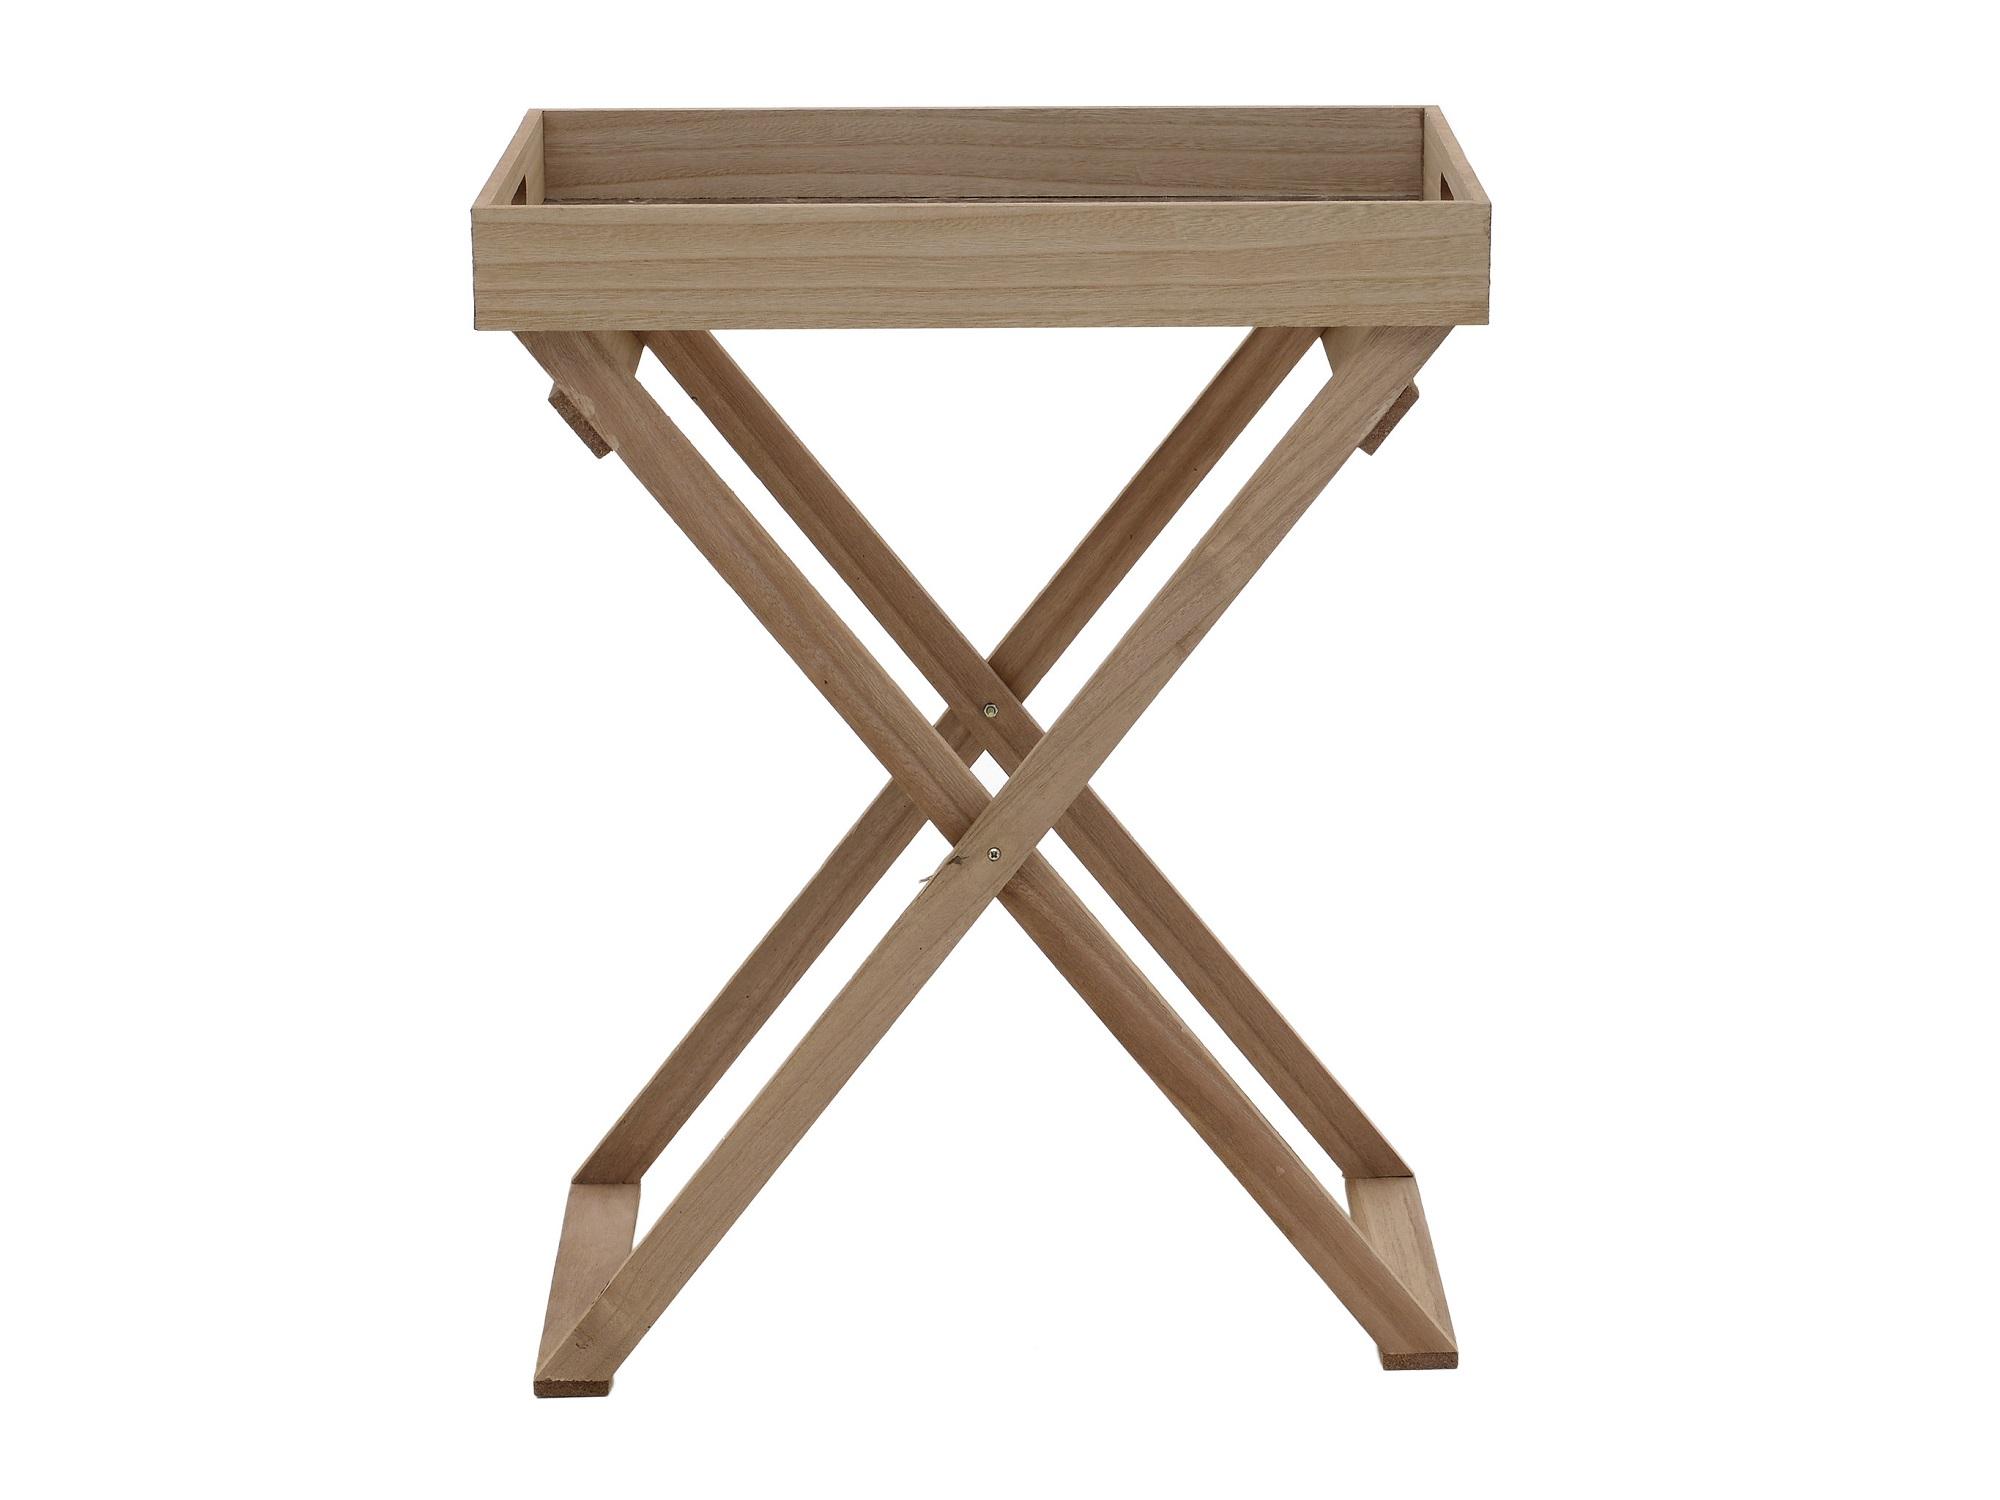 Сервировочный столик To4rooms 15441708 от thefurnish